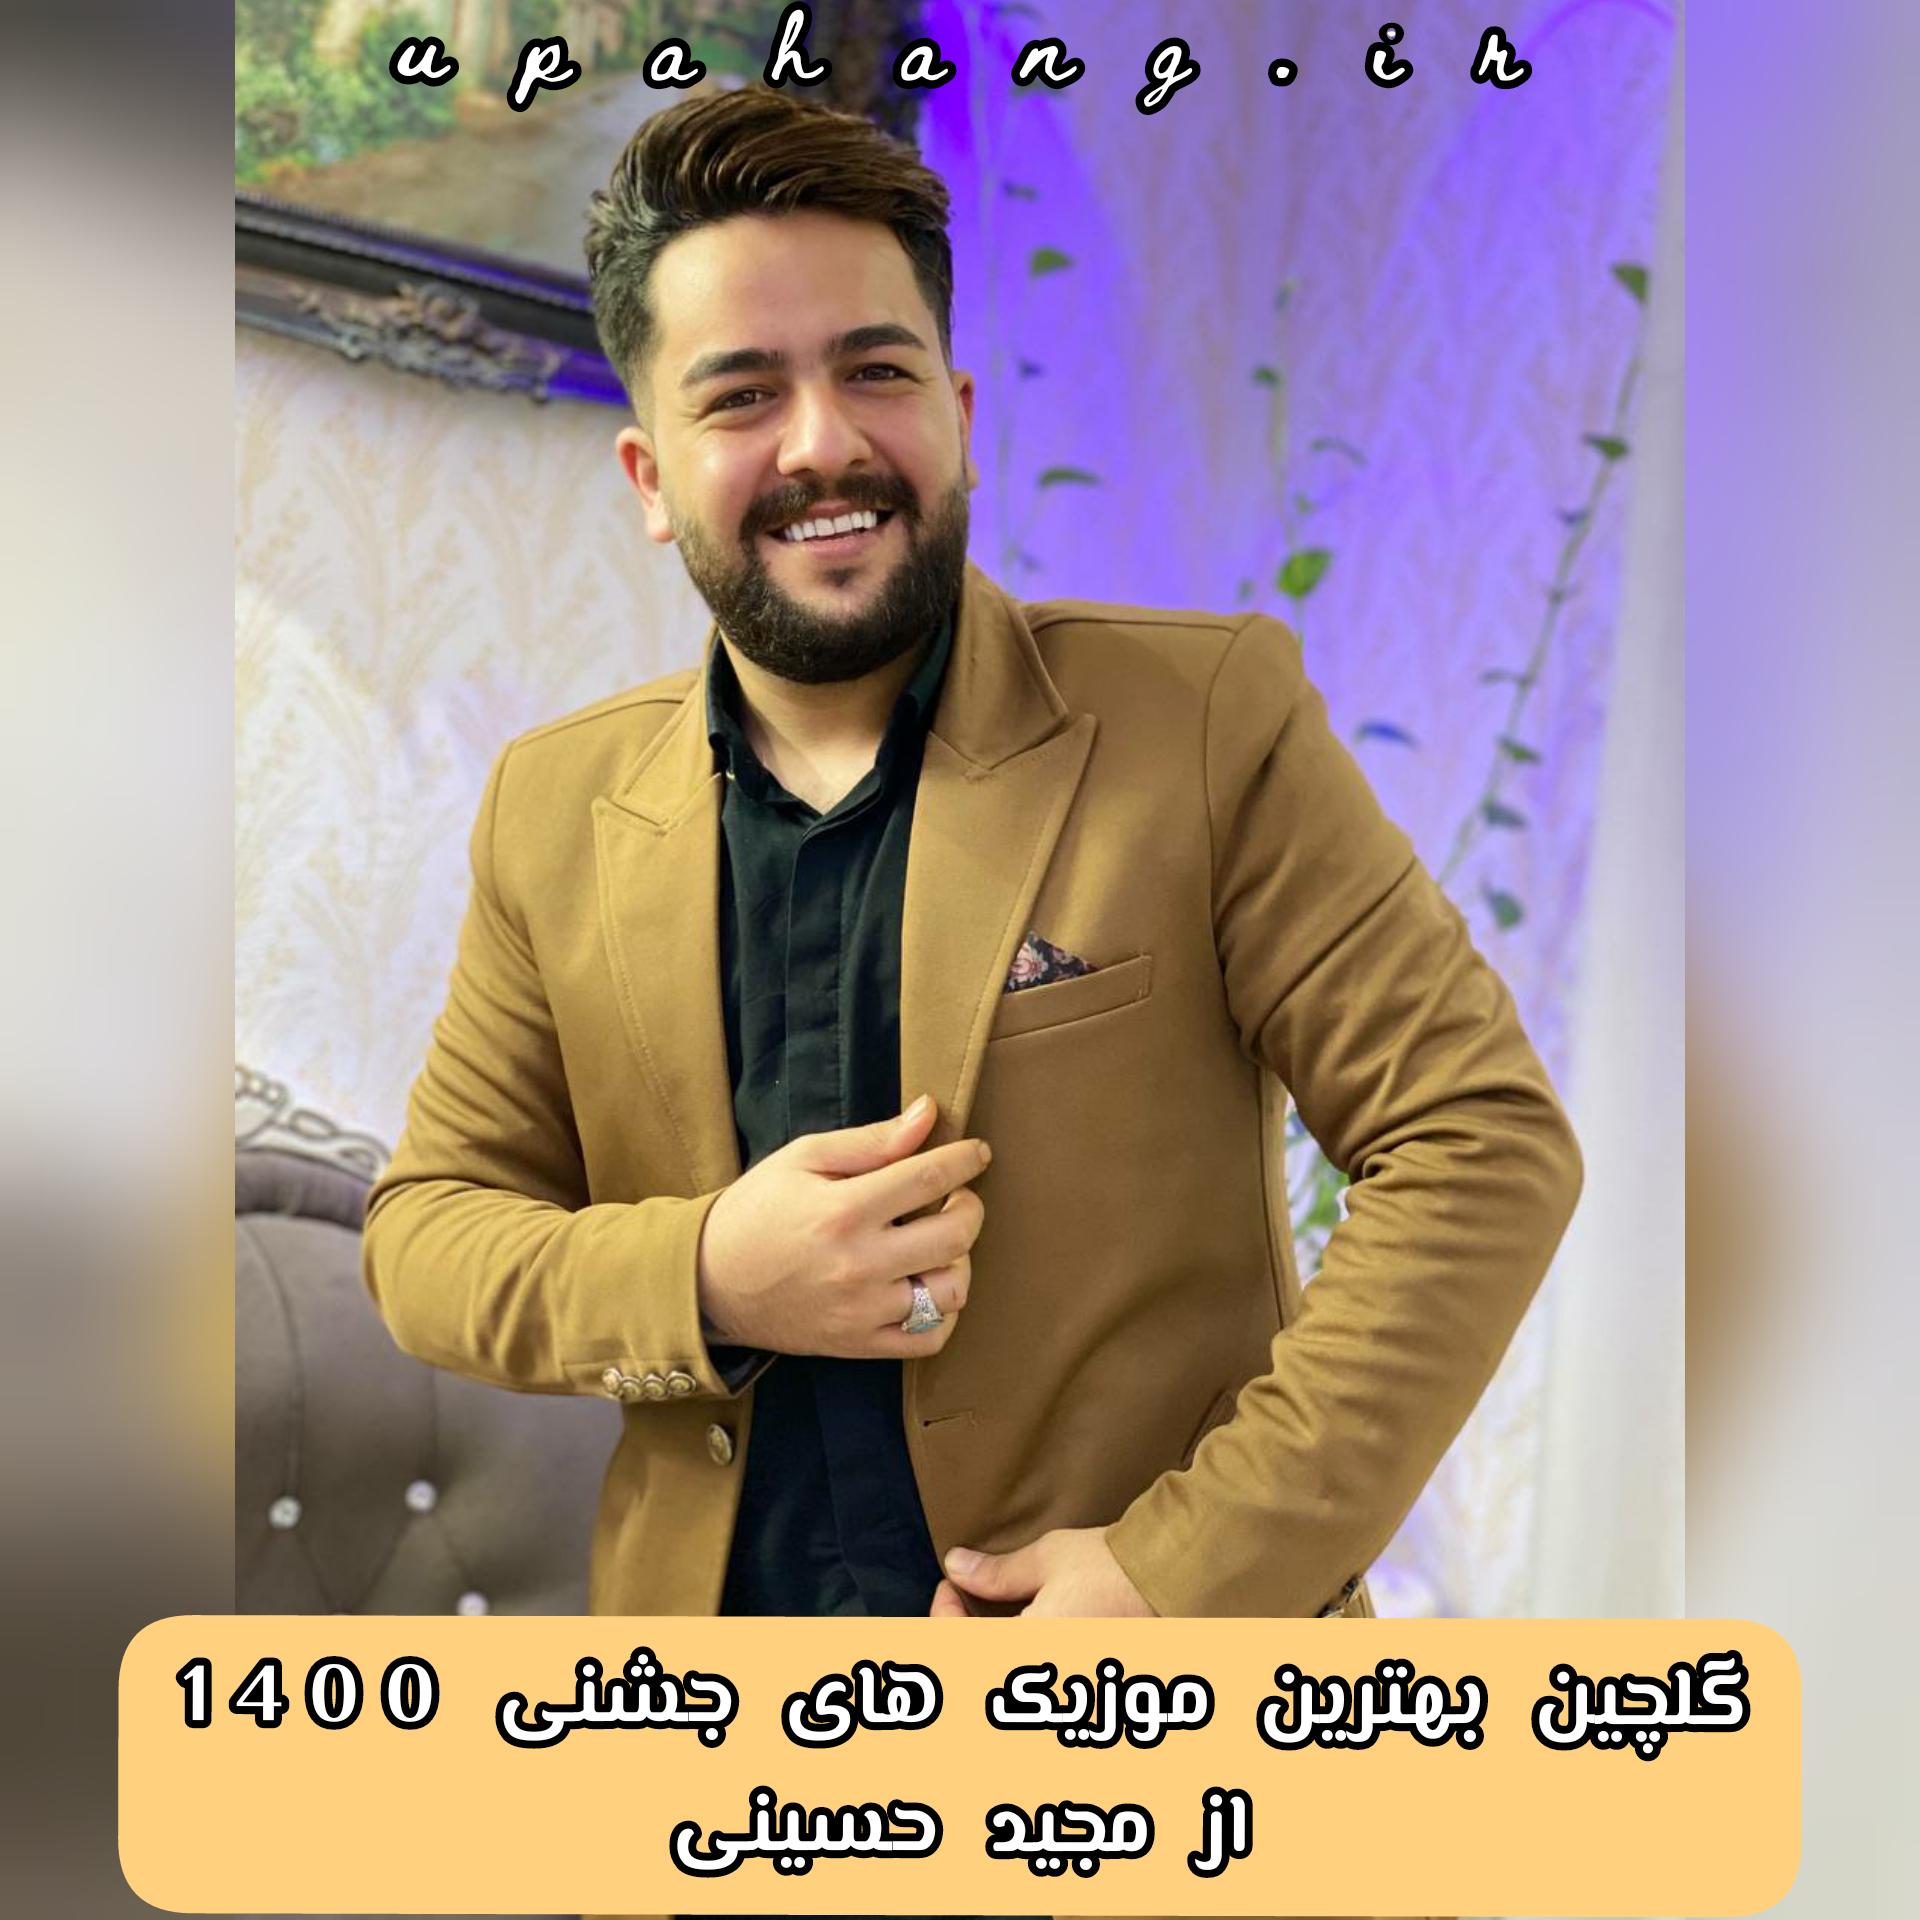 بهترین موزیک های جشنی 1400 از مجید حسینی